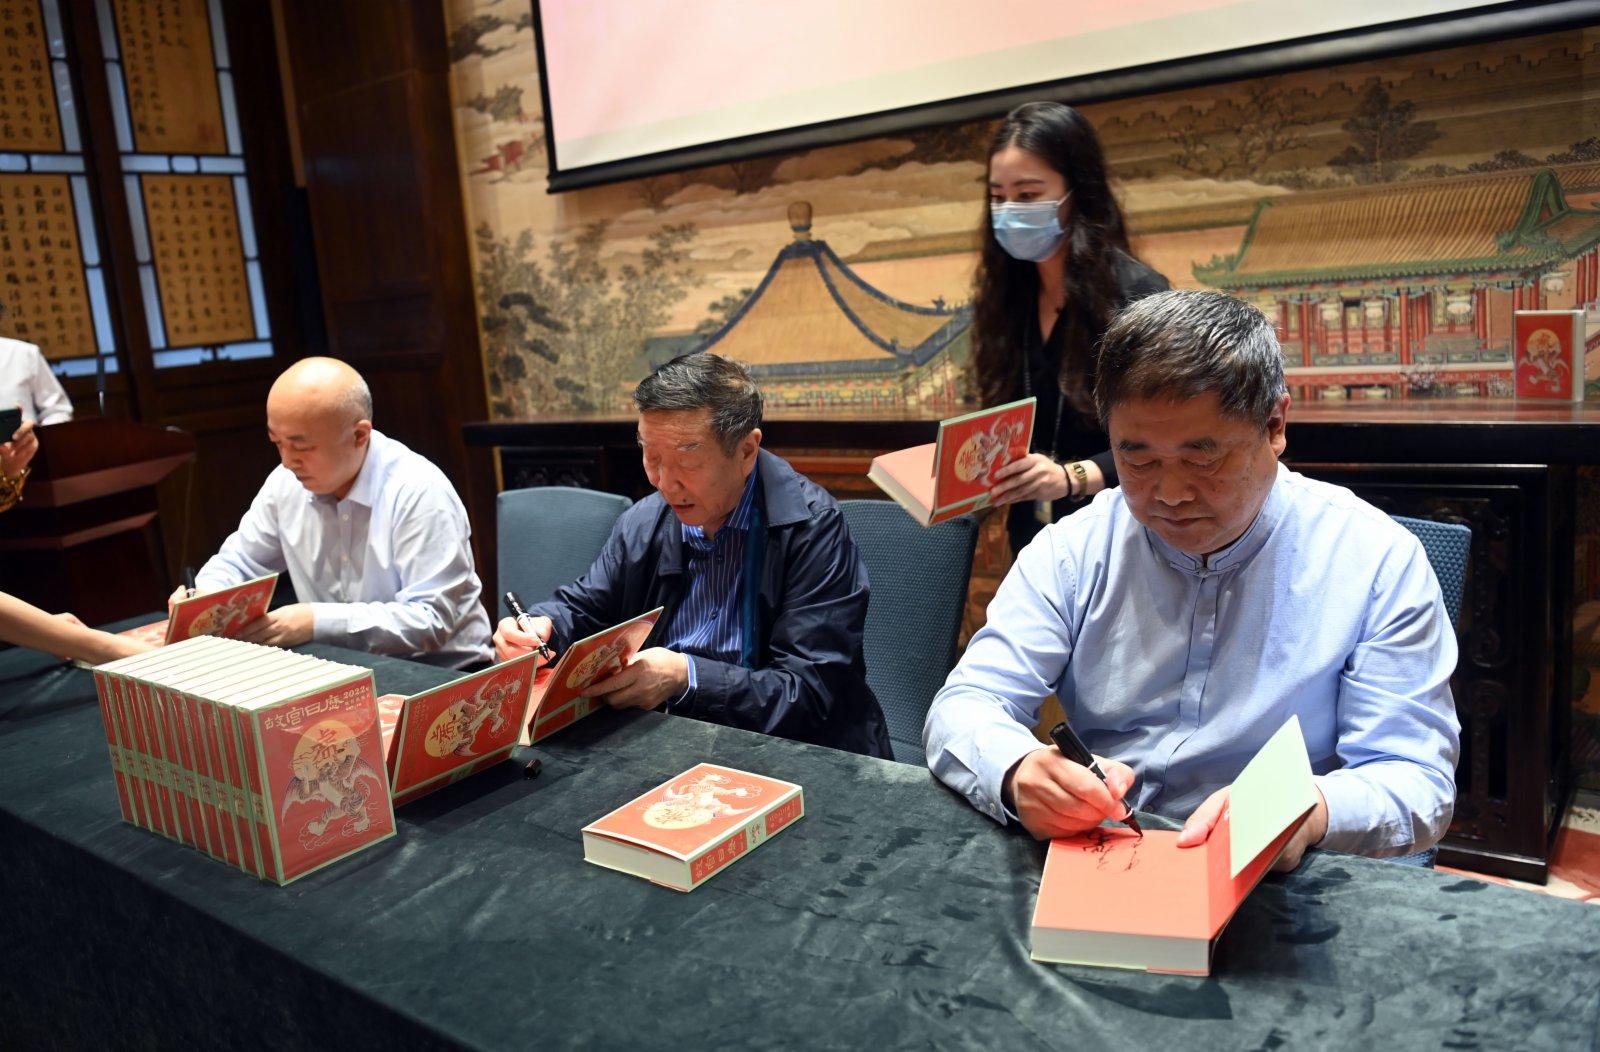 9月6日,故宮博物院院長王旭東(左一),故宮博物院原院長鄭欣淼(左二)、故宮博物院原院長單霽翔(右一)在2022年《故宮日曆》上簽名。